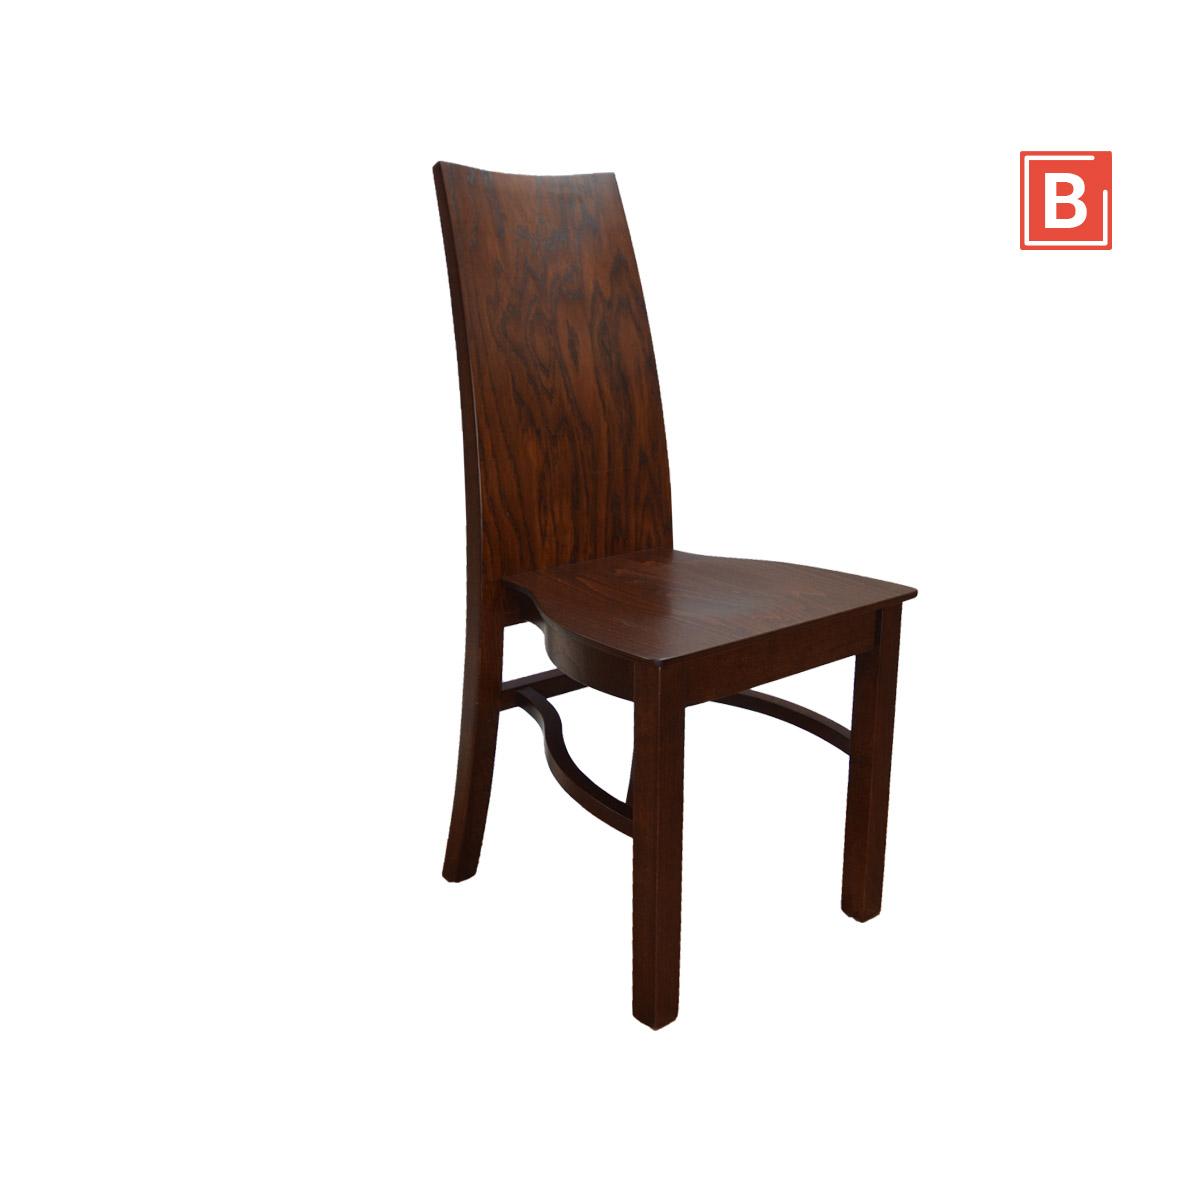 krzesło sztaplowane debowe